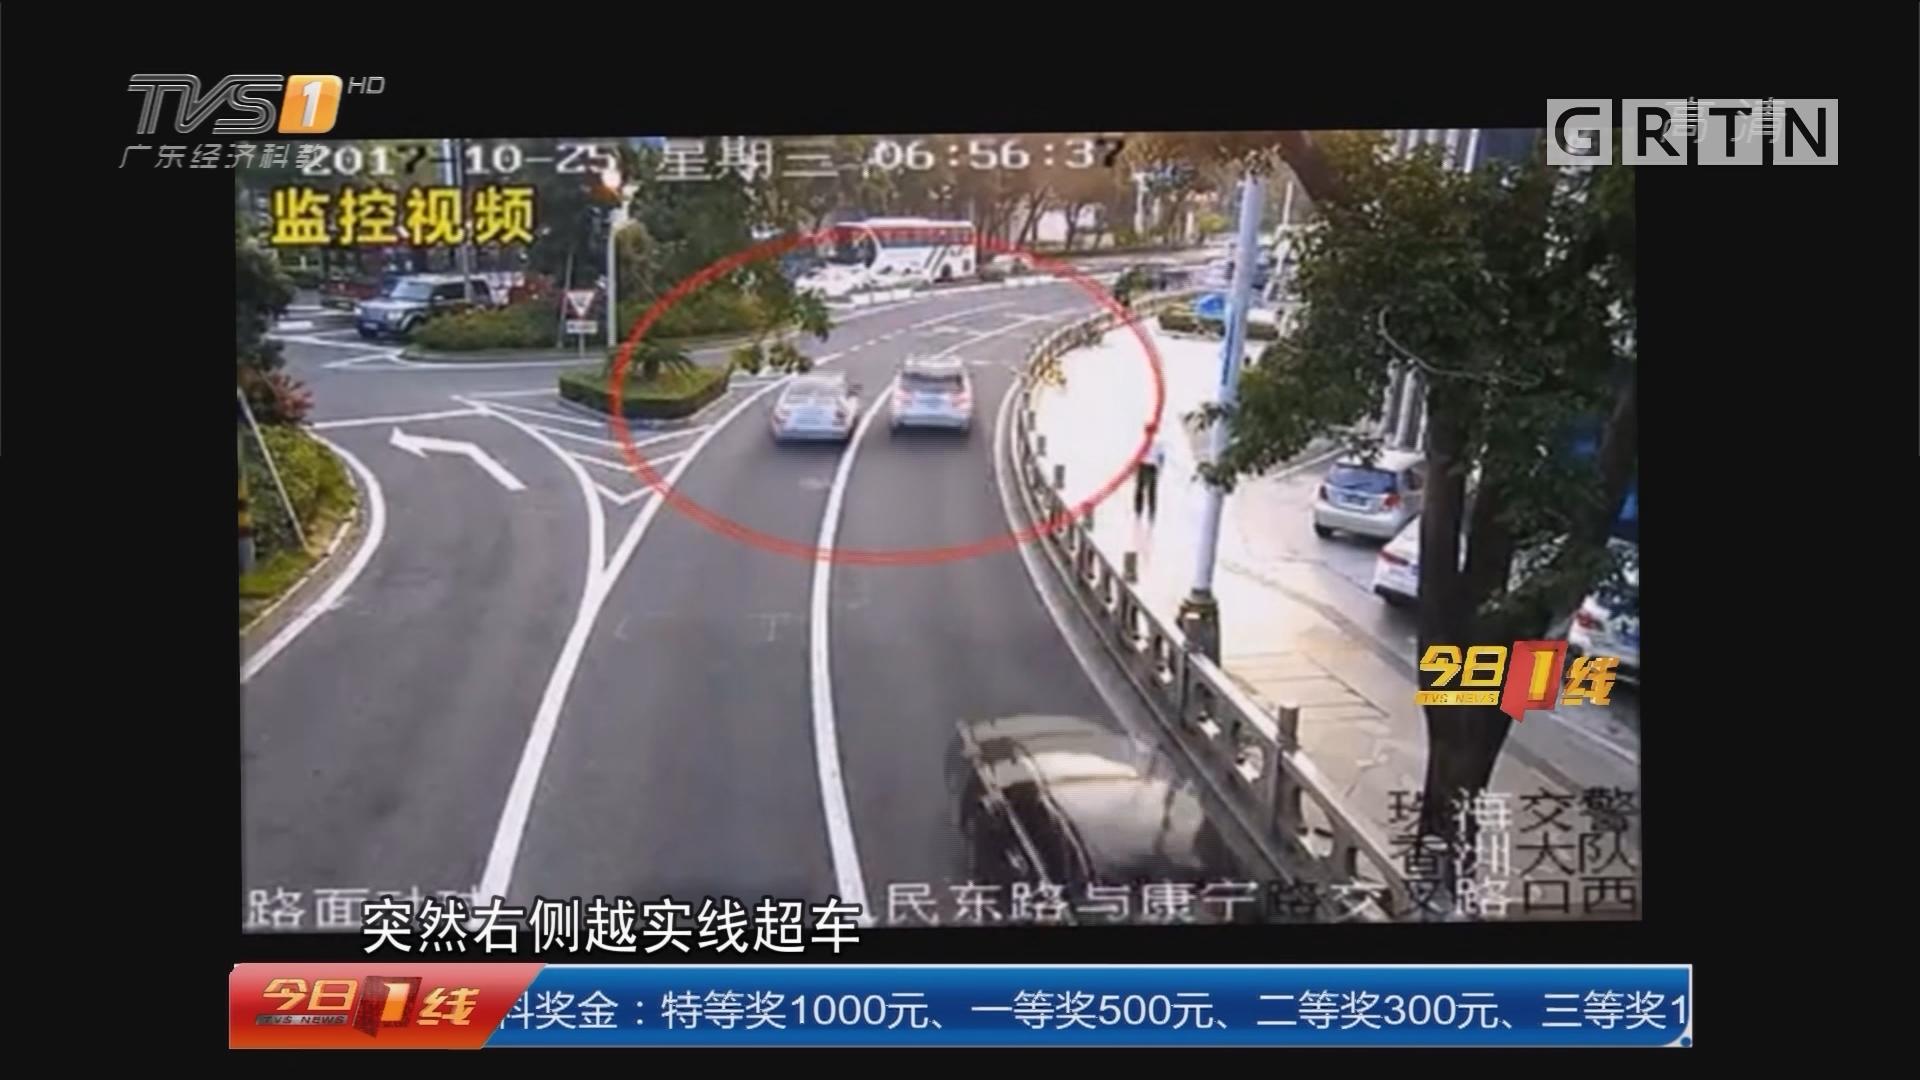 珠海:两司机斗气马路竞逐 险象环生!